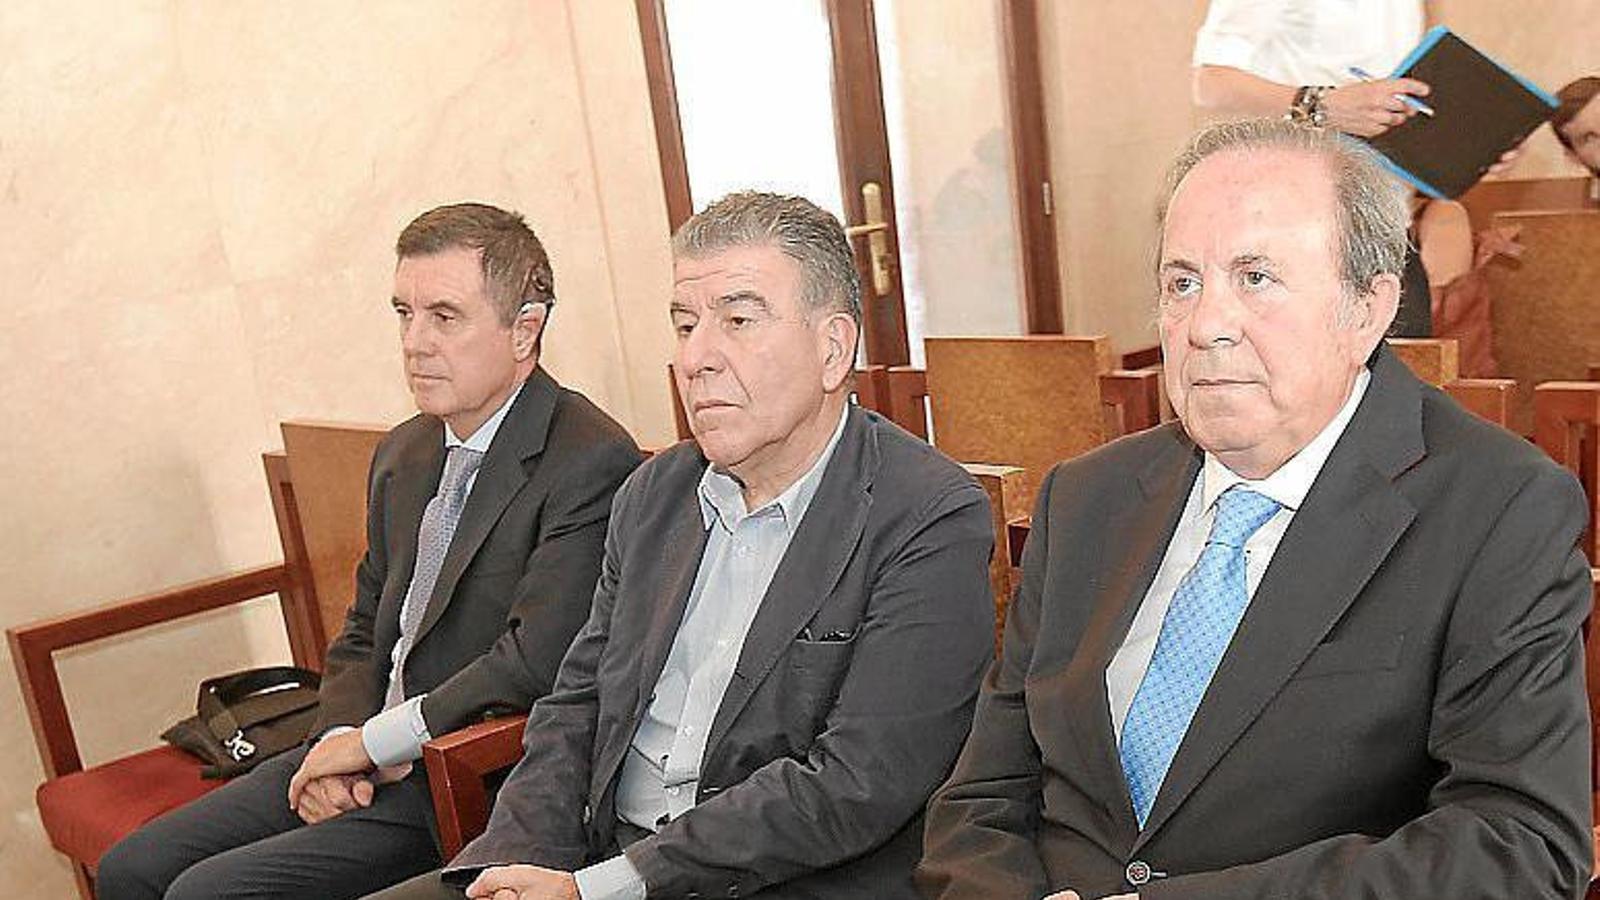 L'expresident Jaume Matas, l'empresari Daniel Mercado i l'exconseller d'Interior José María Rodríguez.